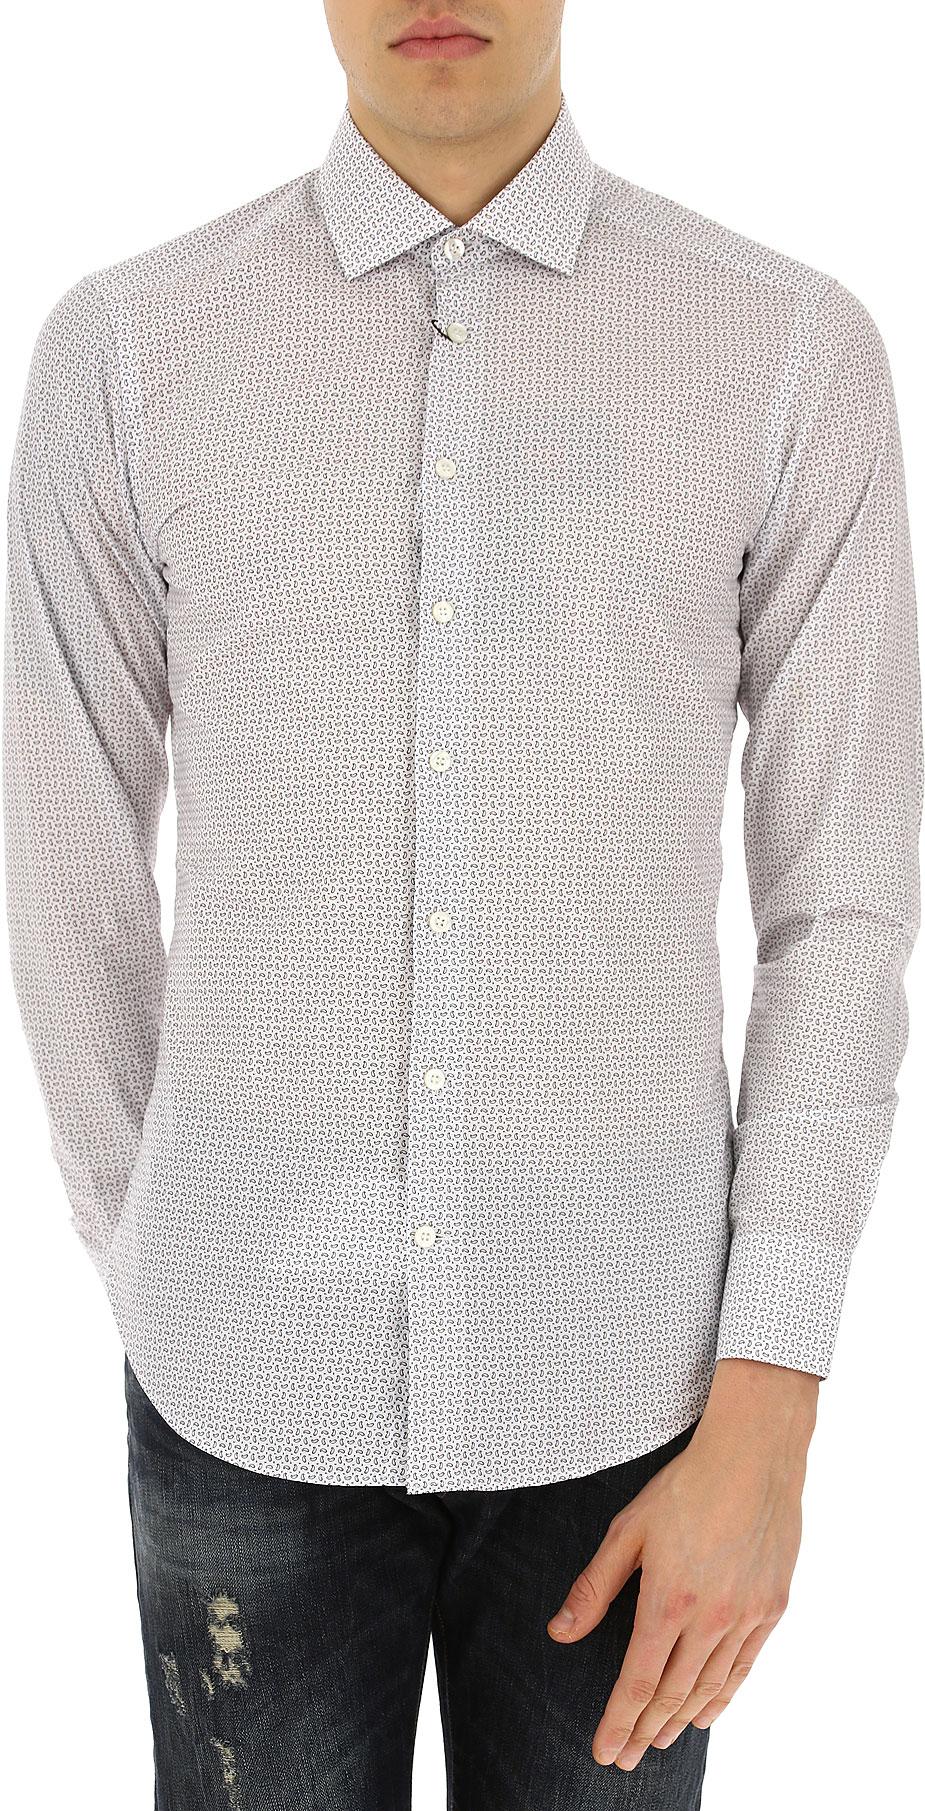 Abbigliamento Uomo Etro, Codice Articolo: 11451-6153-990